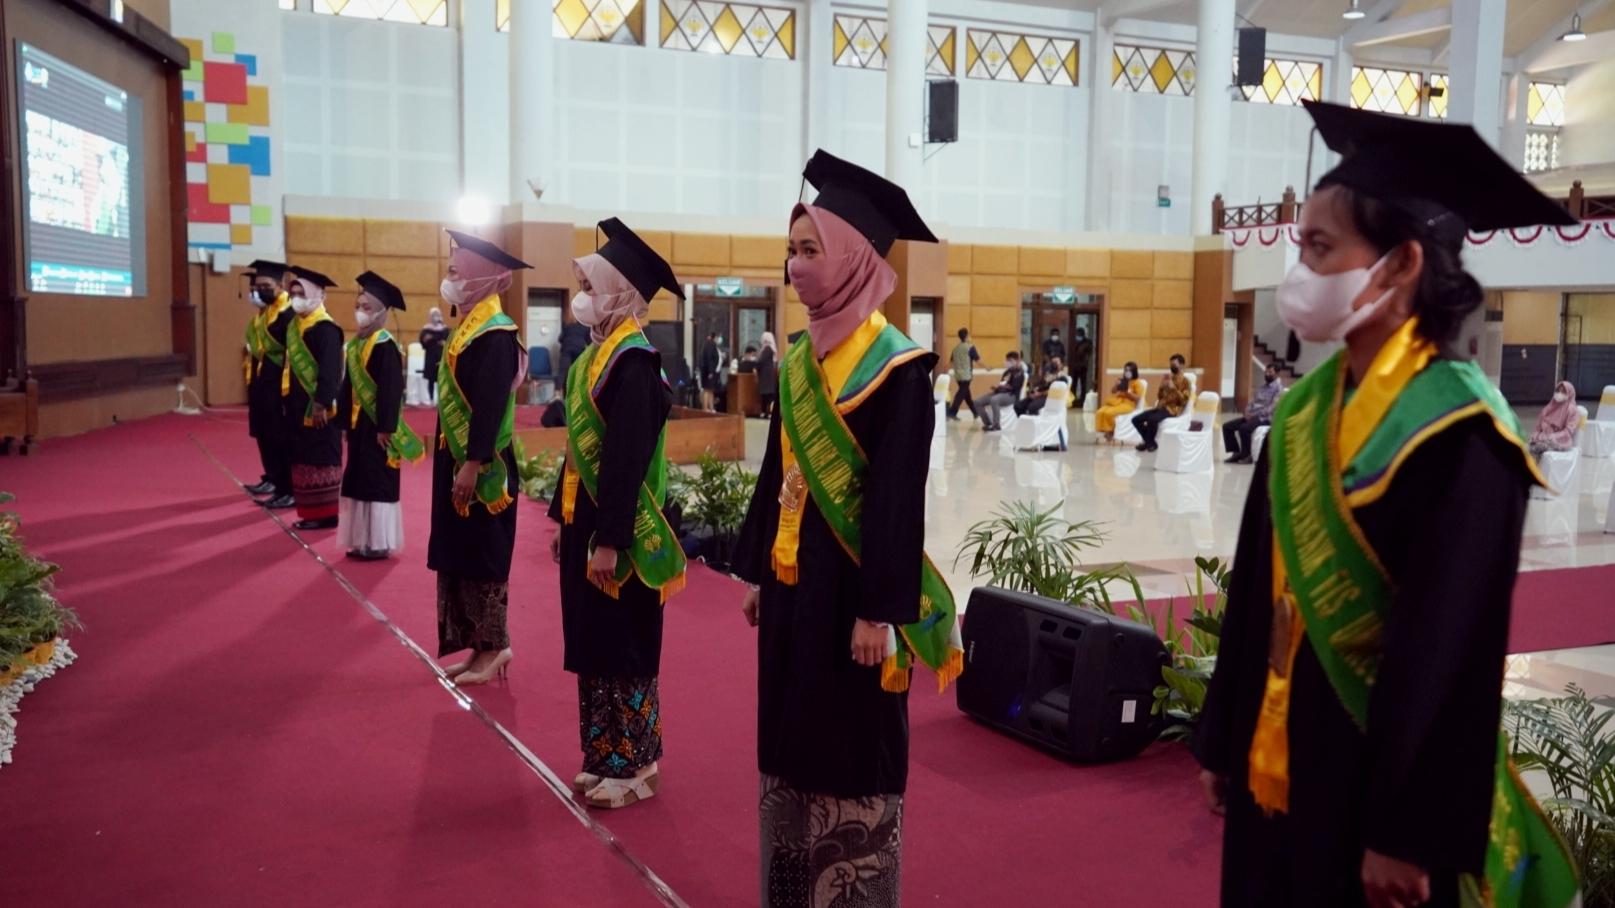 Wisuda ke-106, Rektor UNNES; Jadilah Pribadi Unggul dan Solutif